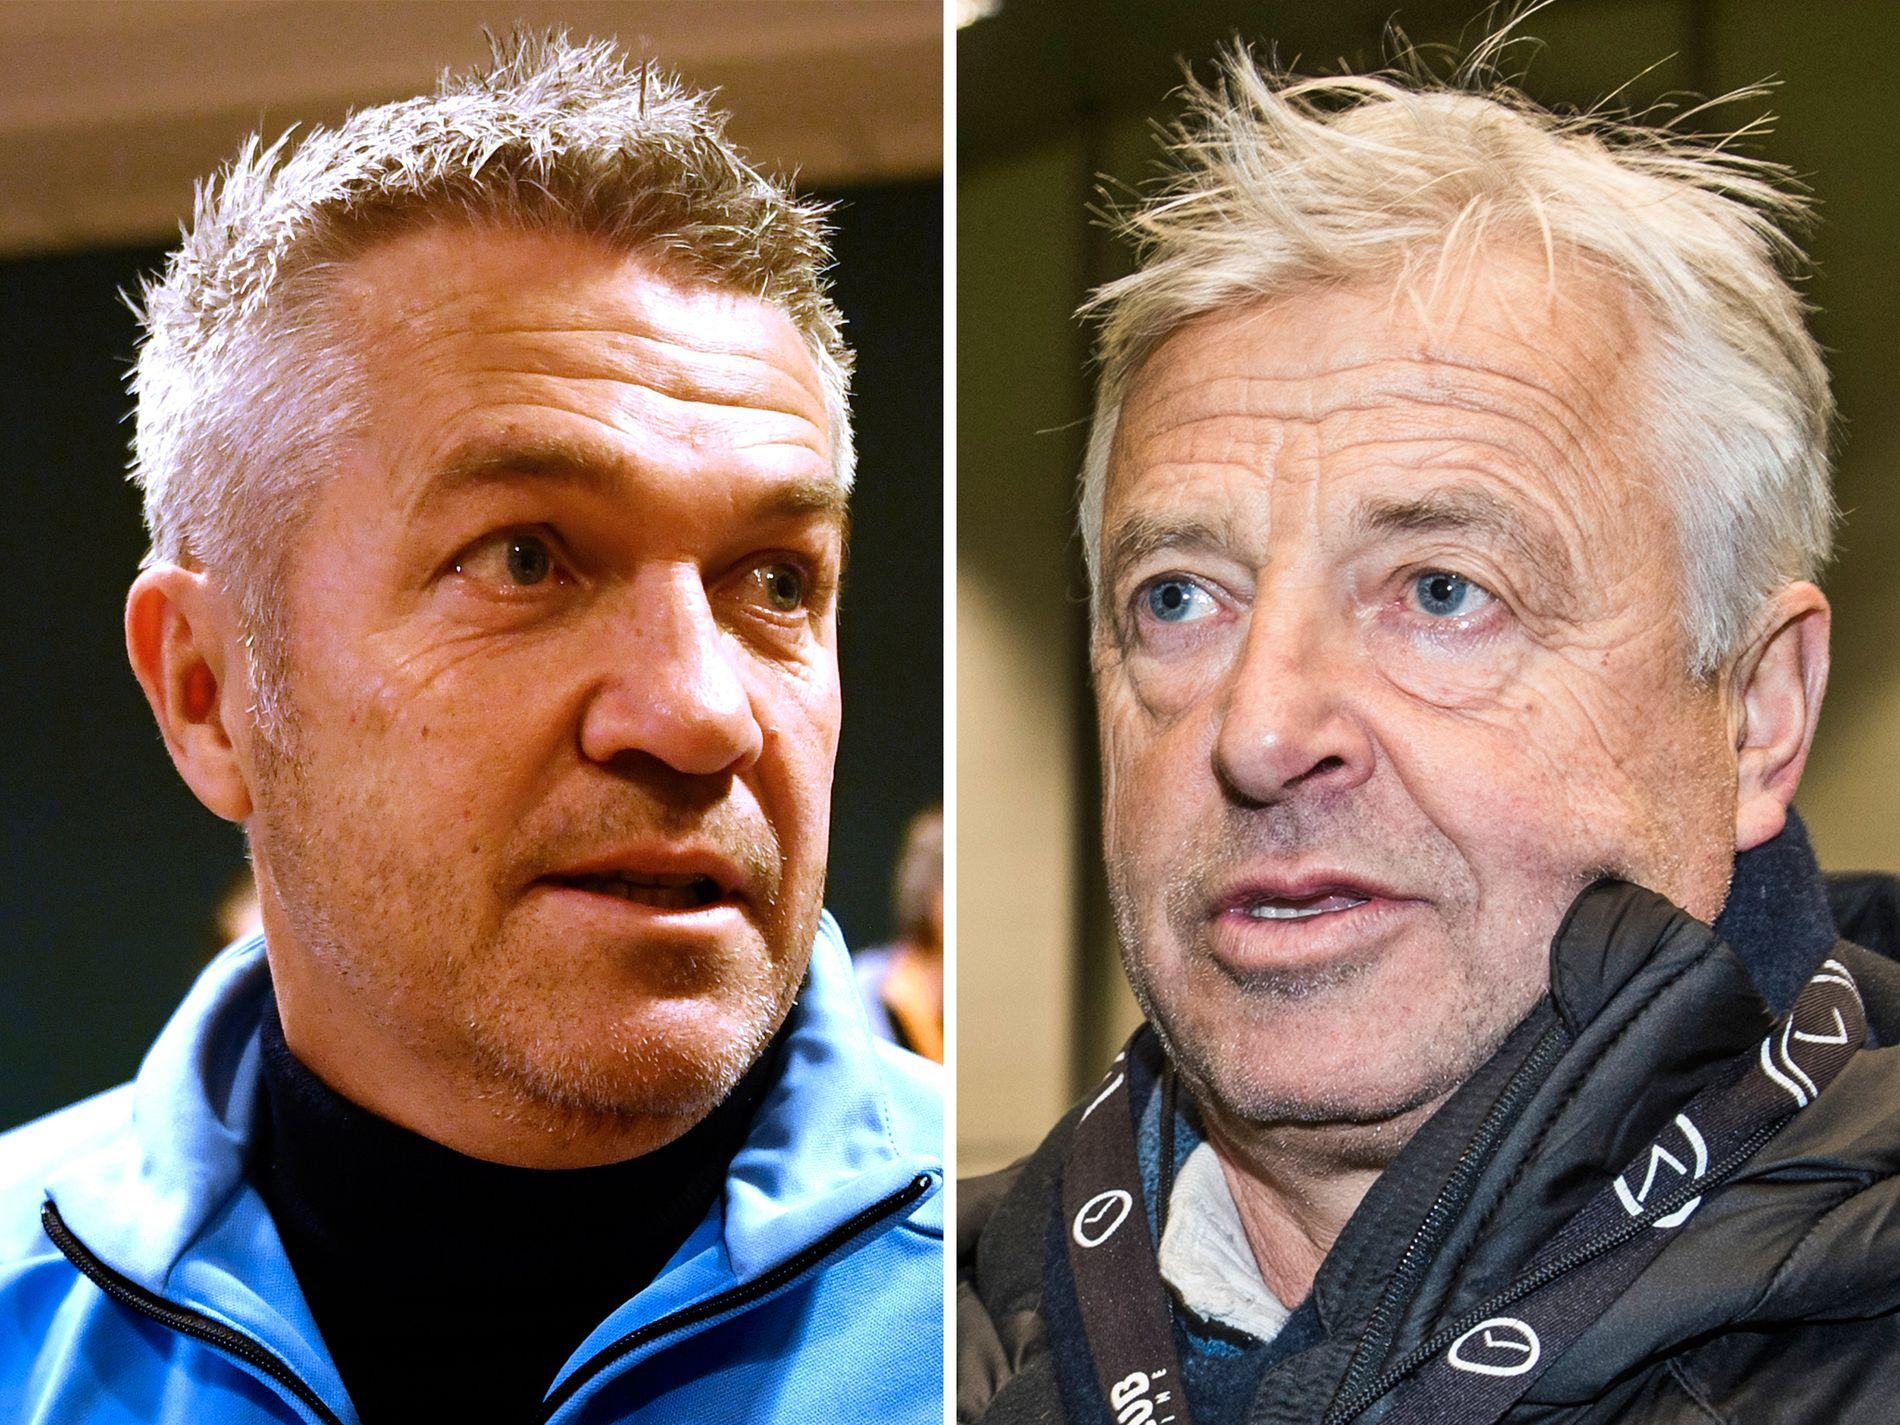 ULIKE MENINGER: RBK-trener Kåre Ingebrigtsen og LSK-sjef Arne Erlandsen har forskjellig syn på hva som er bra for norsk fotball.